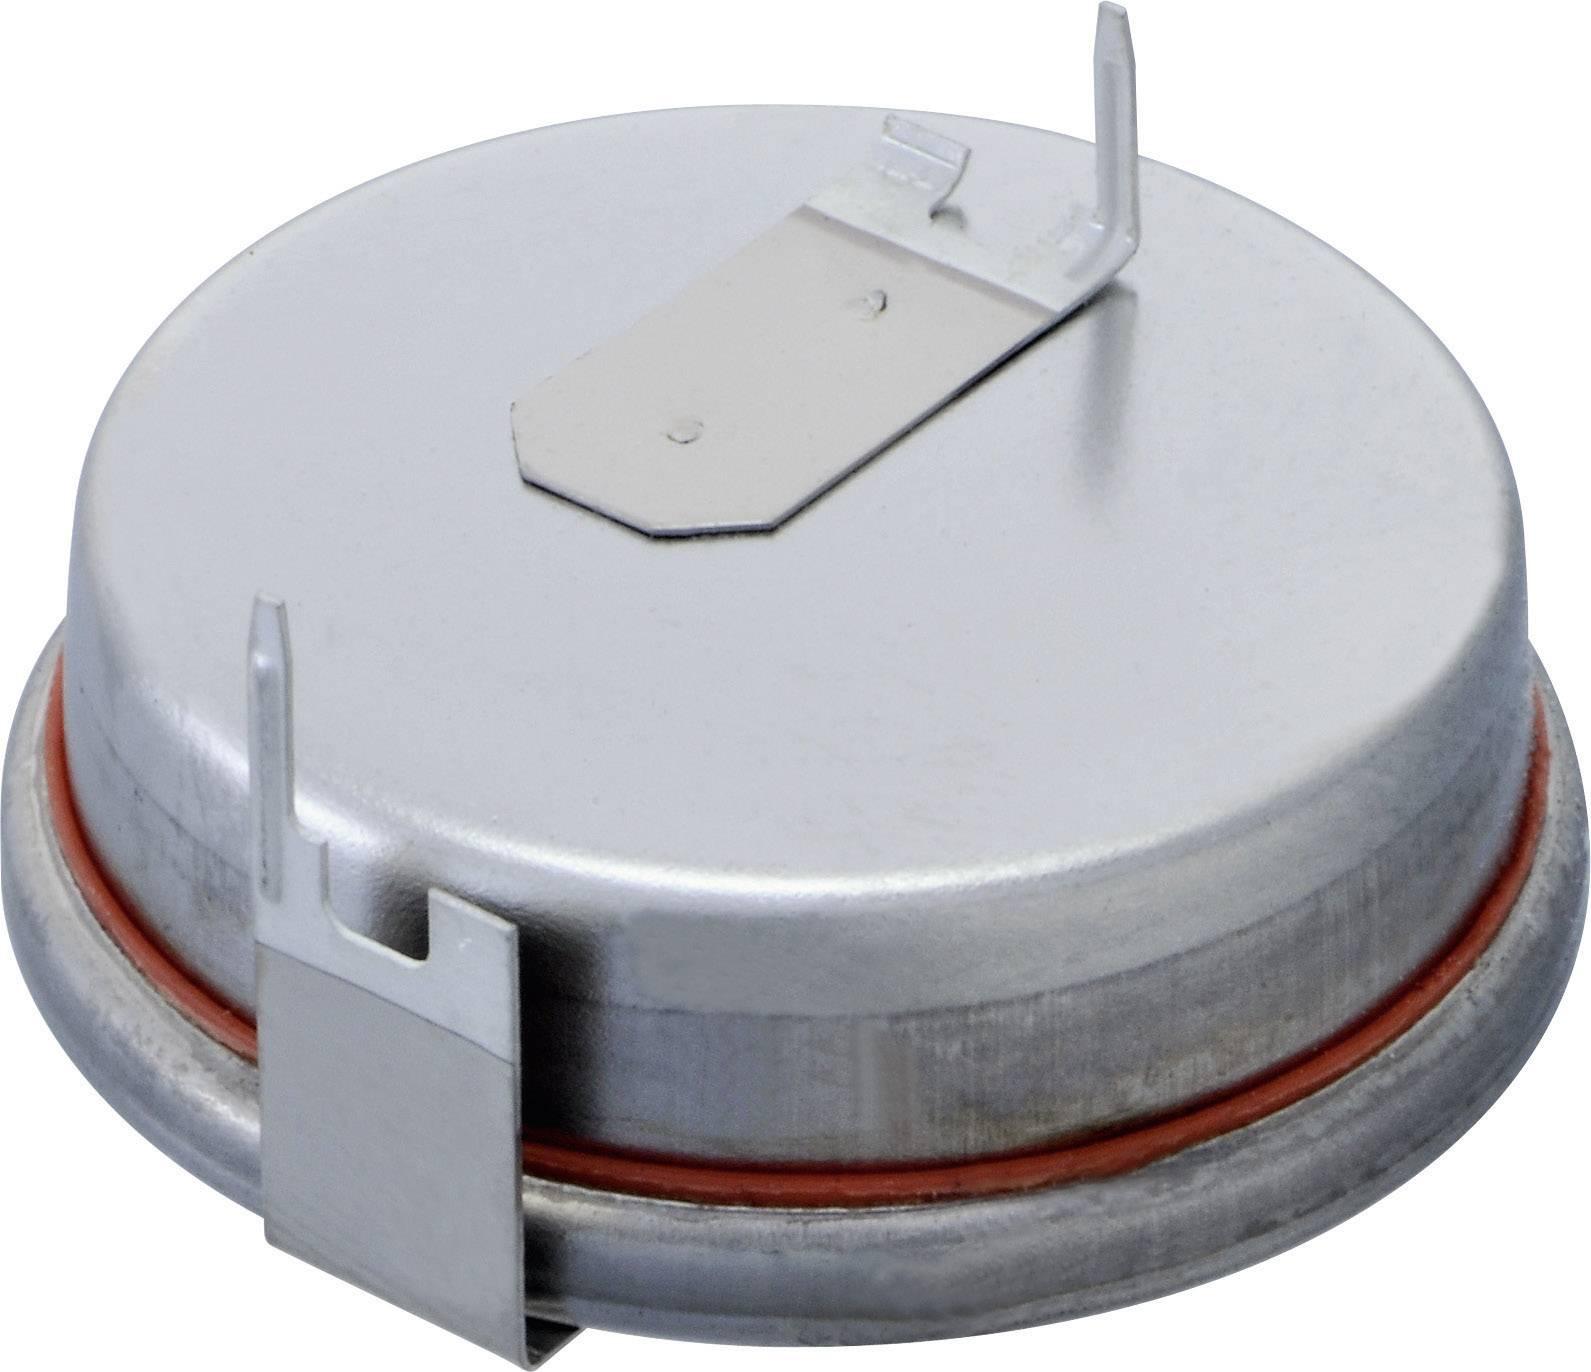 Gombíková batéria Renata CR2477N FH.LF, so spájkovacími kontaktami